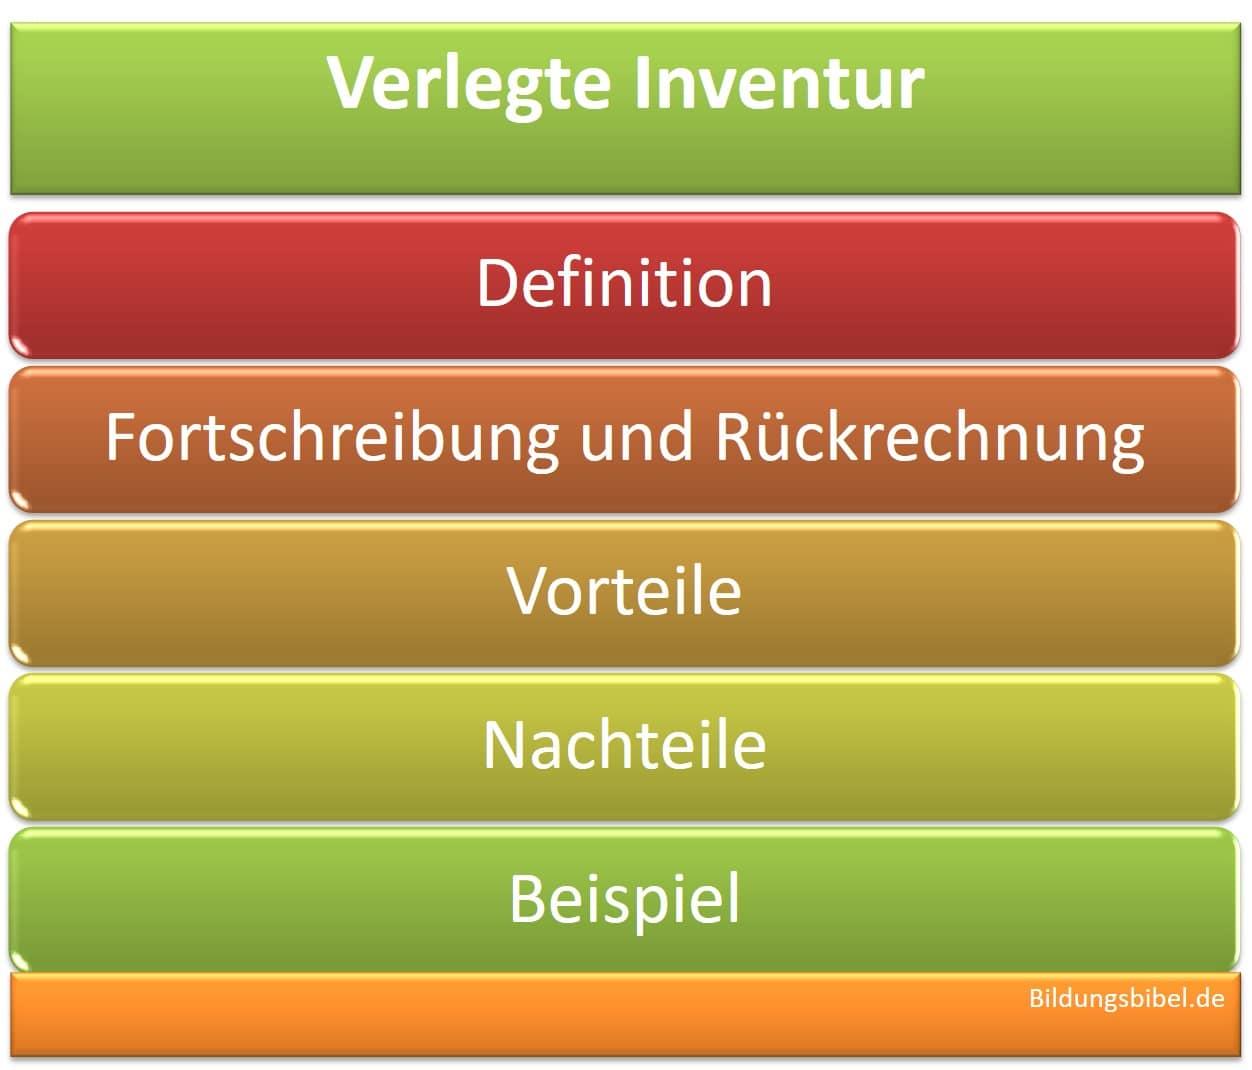 Die verlegte Inventur mit Beispiel für Fortschreibung und Rückrechnung, Definition, Vorteile und Nachteile